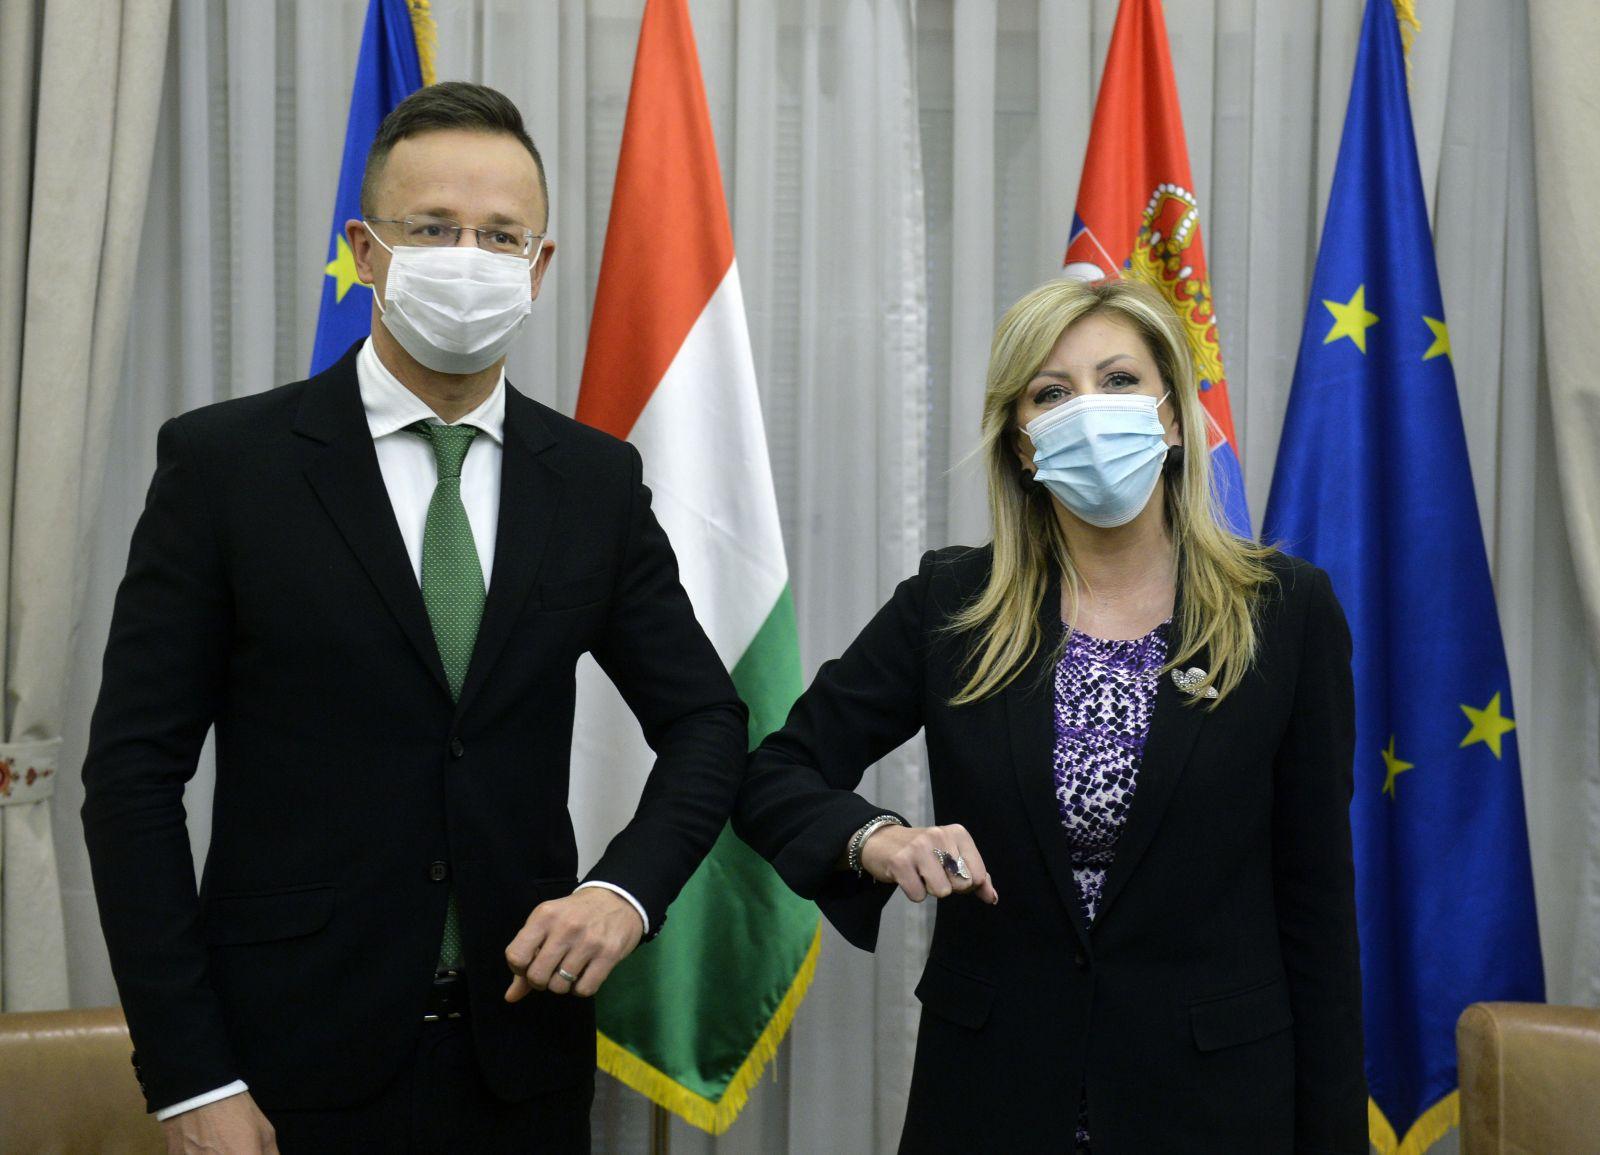 Ј. Јоксимовић и Сијарто: Мађарска за брже приступање Србије Европској унији